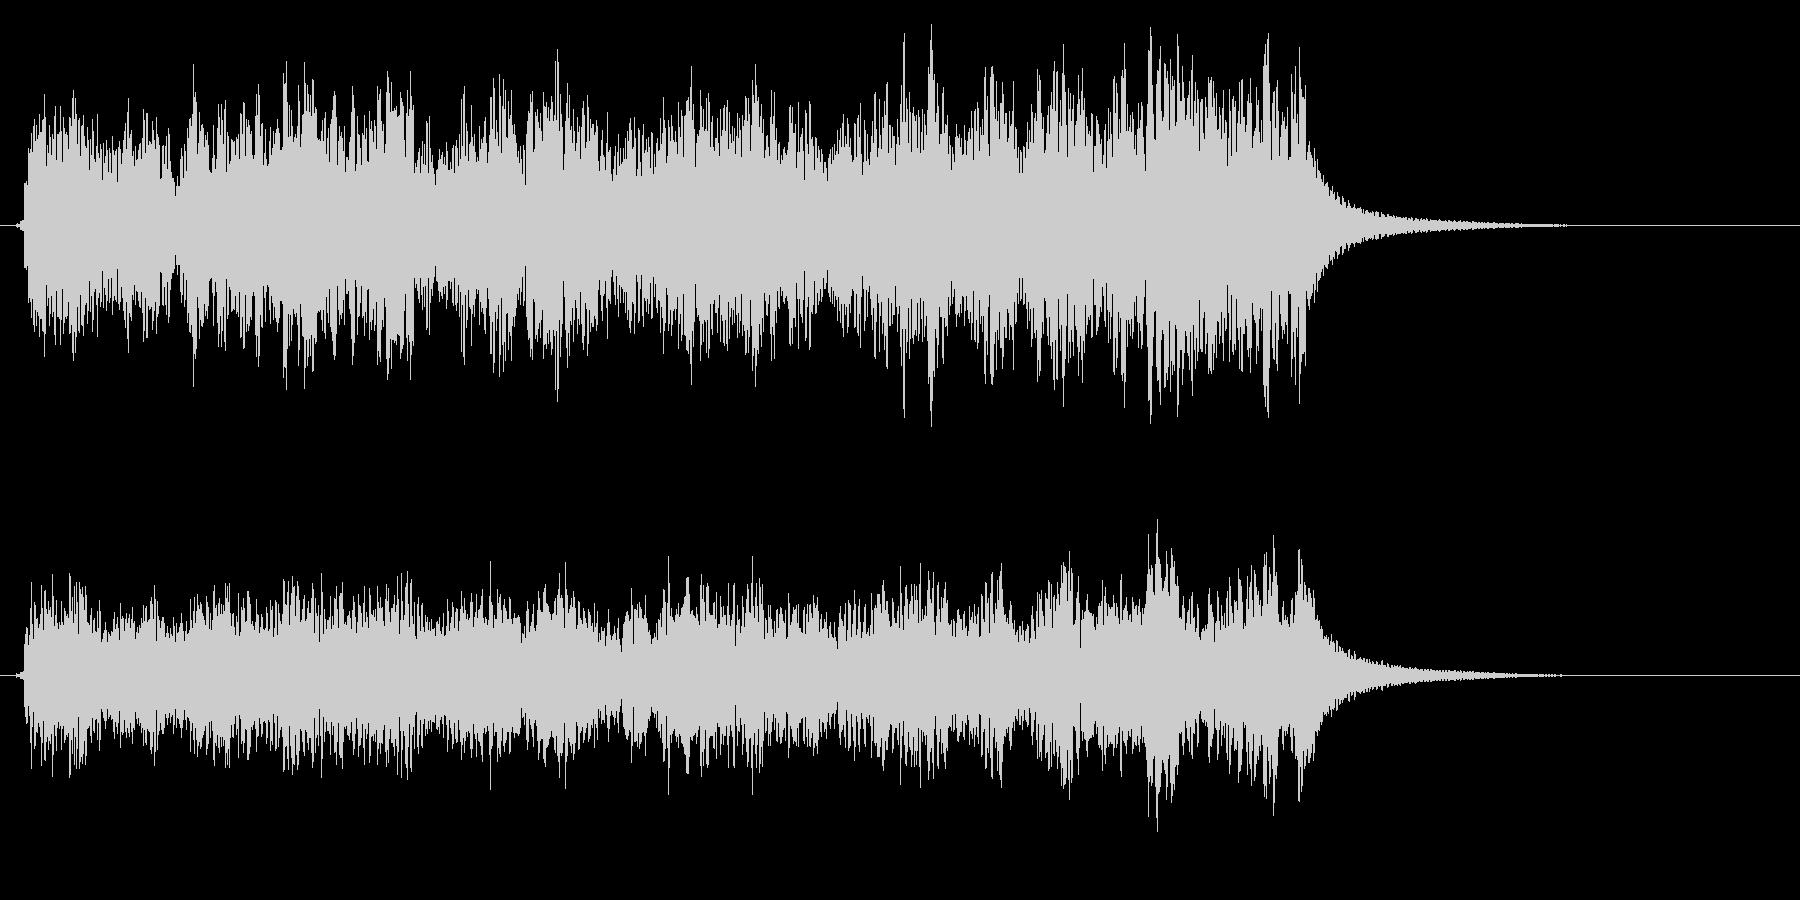 時計 アラーム04-04(弱 遠い)の未再生の波形